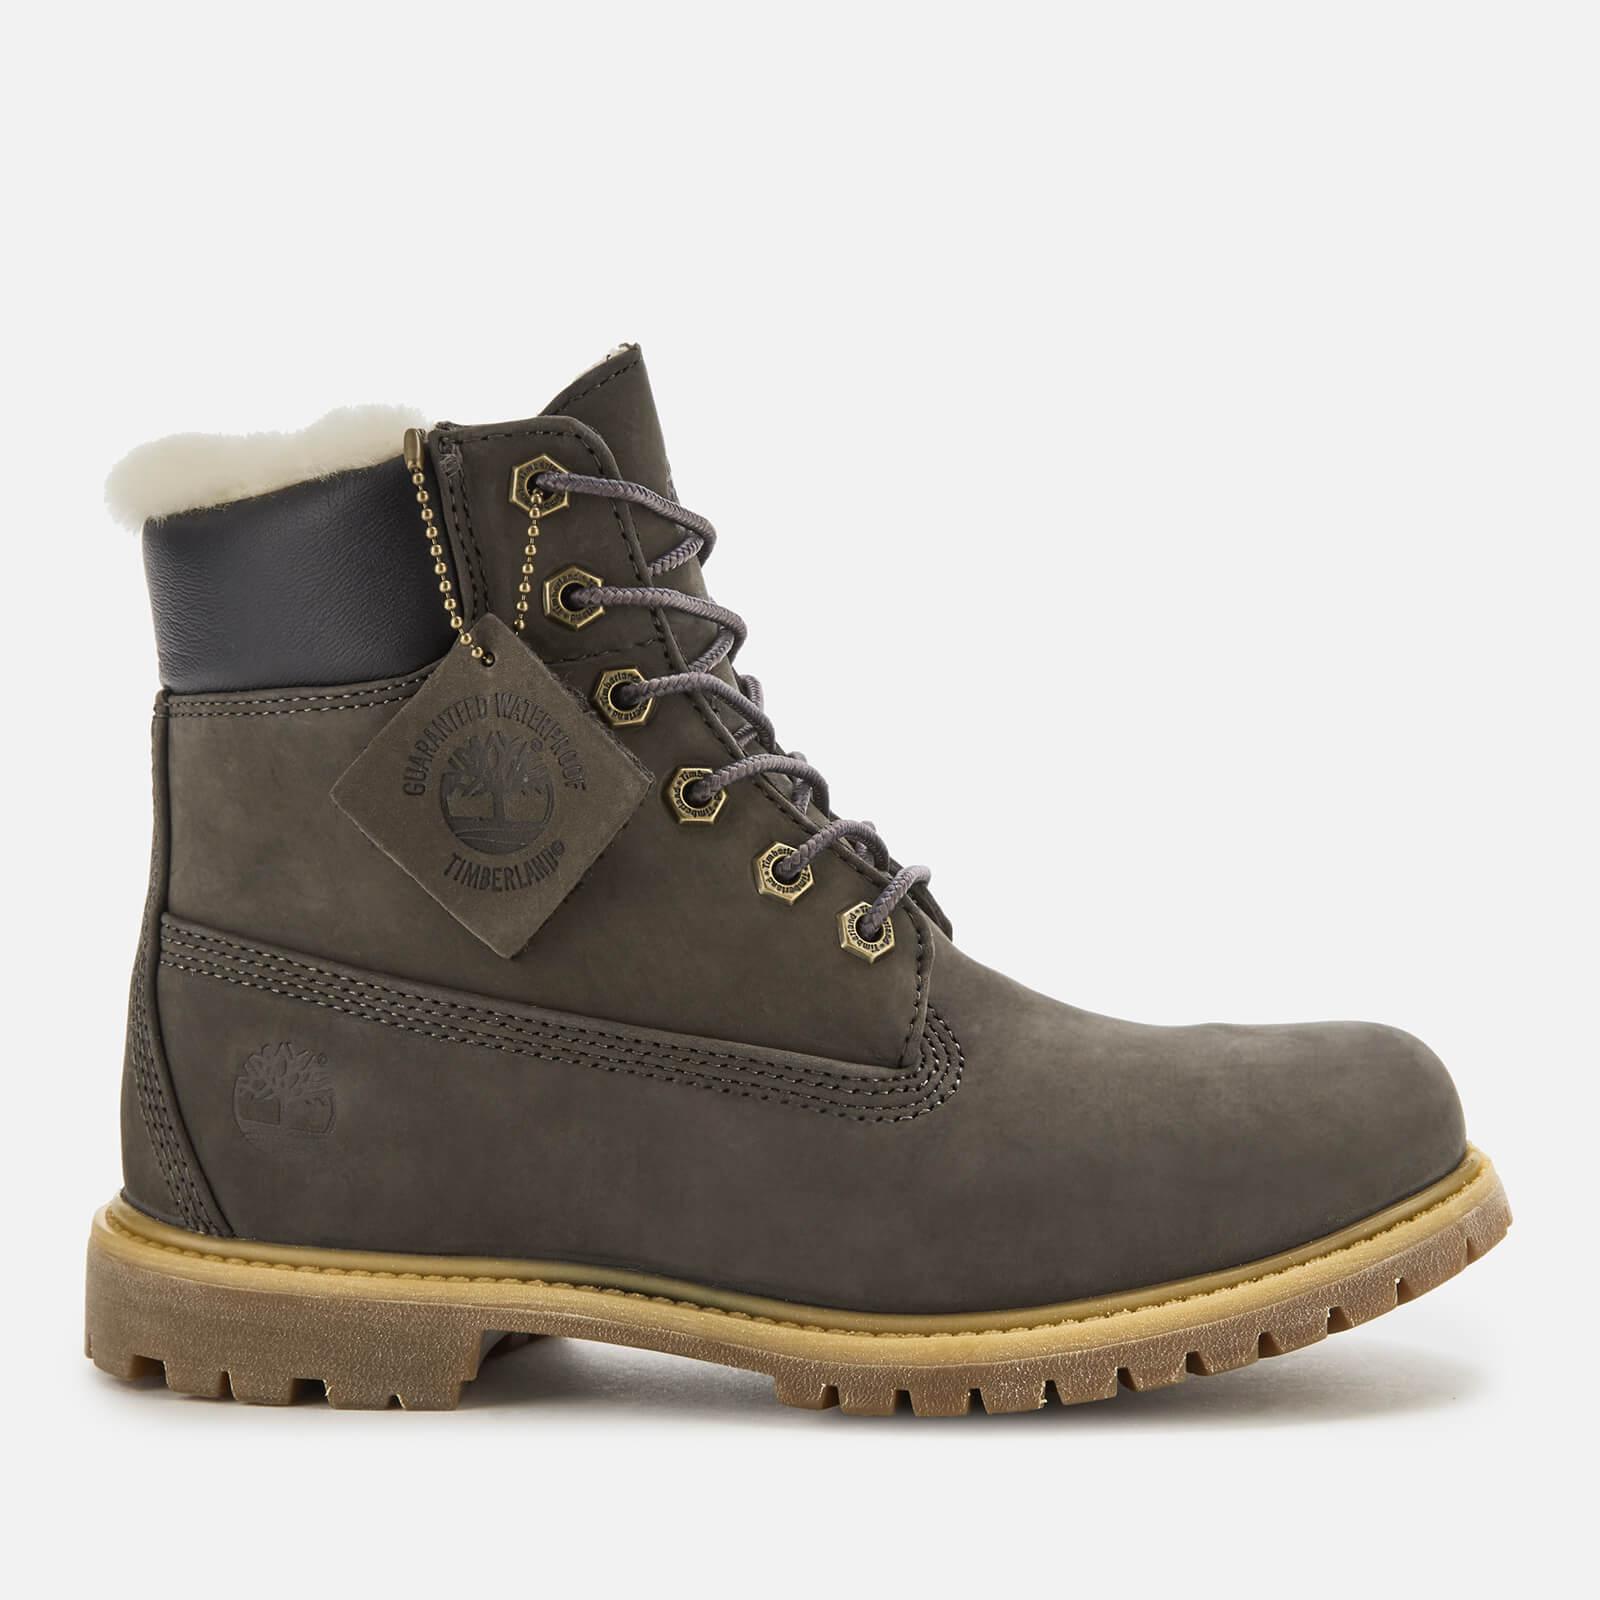 Timberland Women's 6 Inch Premium Shearling Boots - Dark Grey Nubuck - UK 4